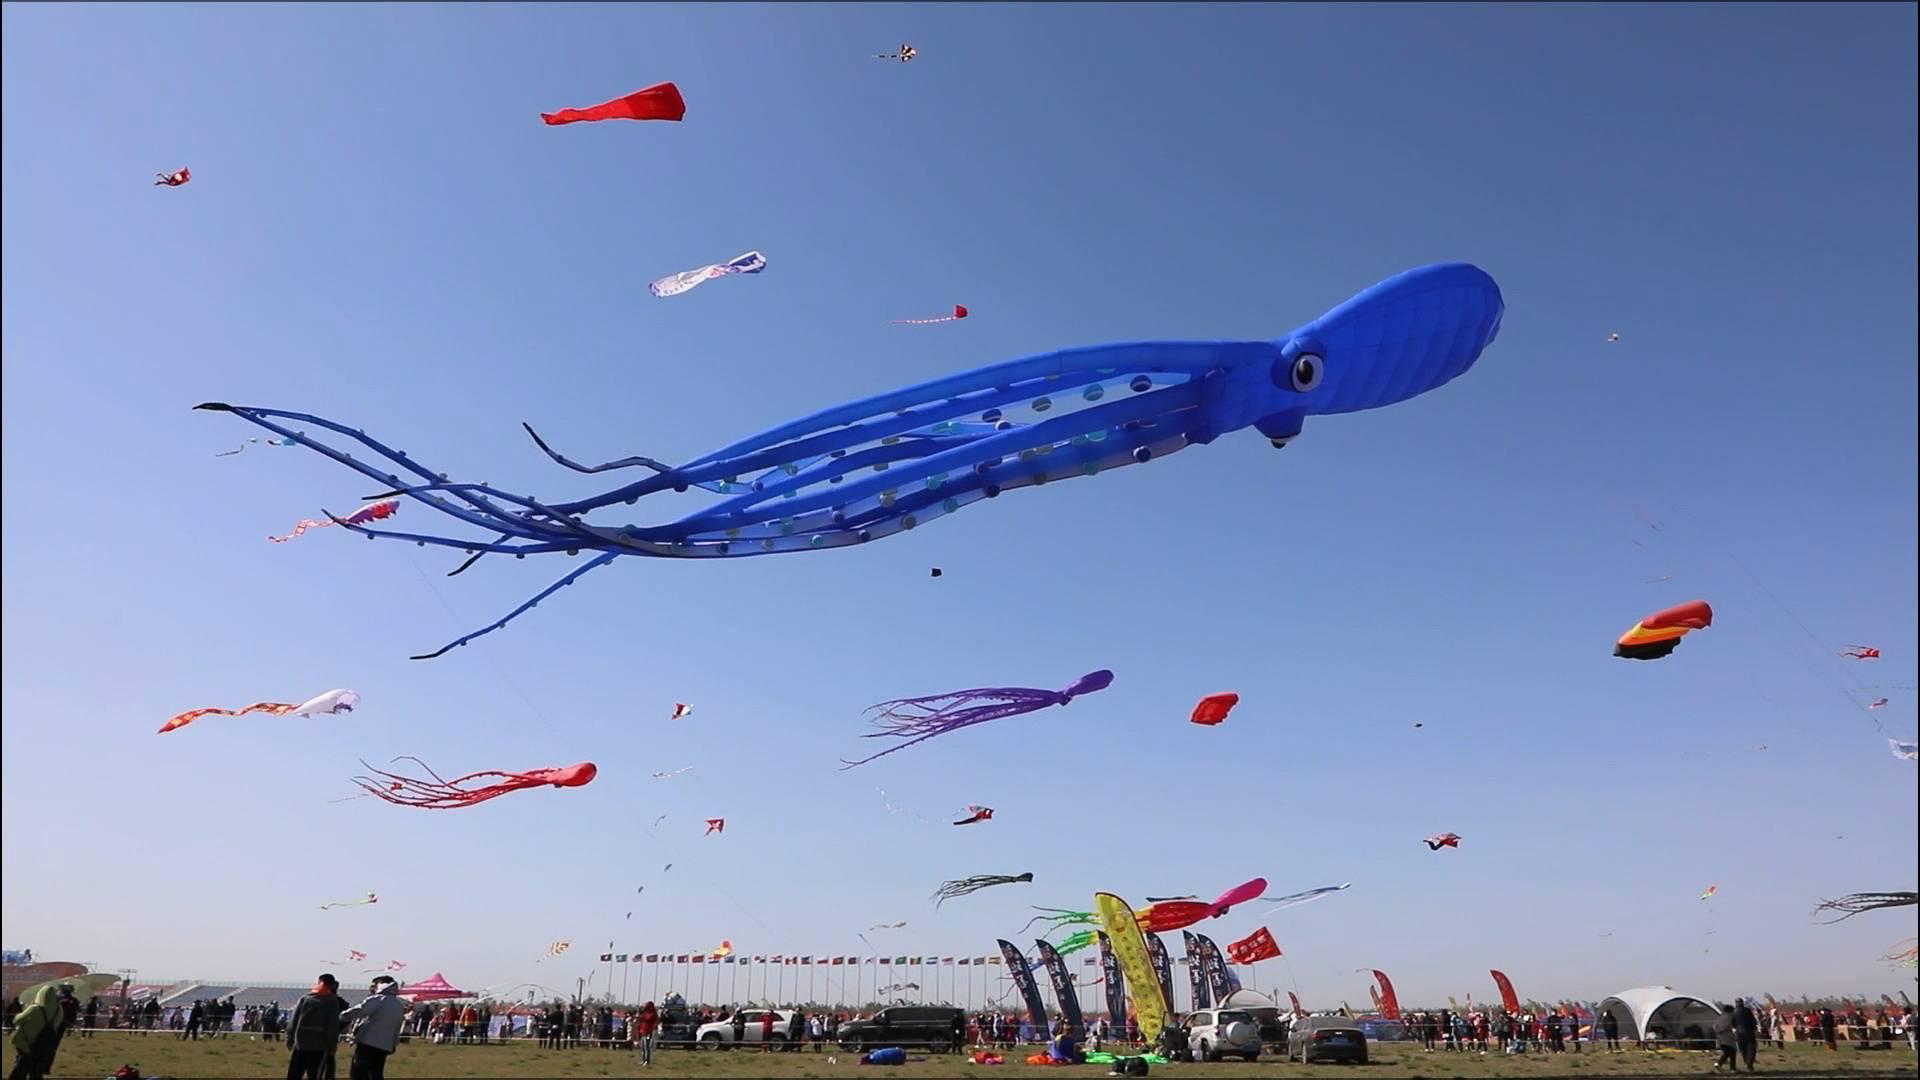 《应急在线》20210502:放风筝有危险  多加小心没错